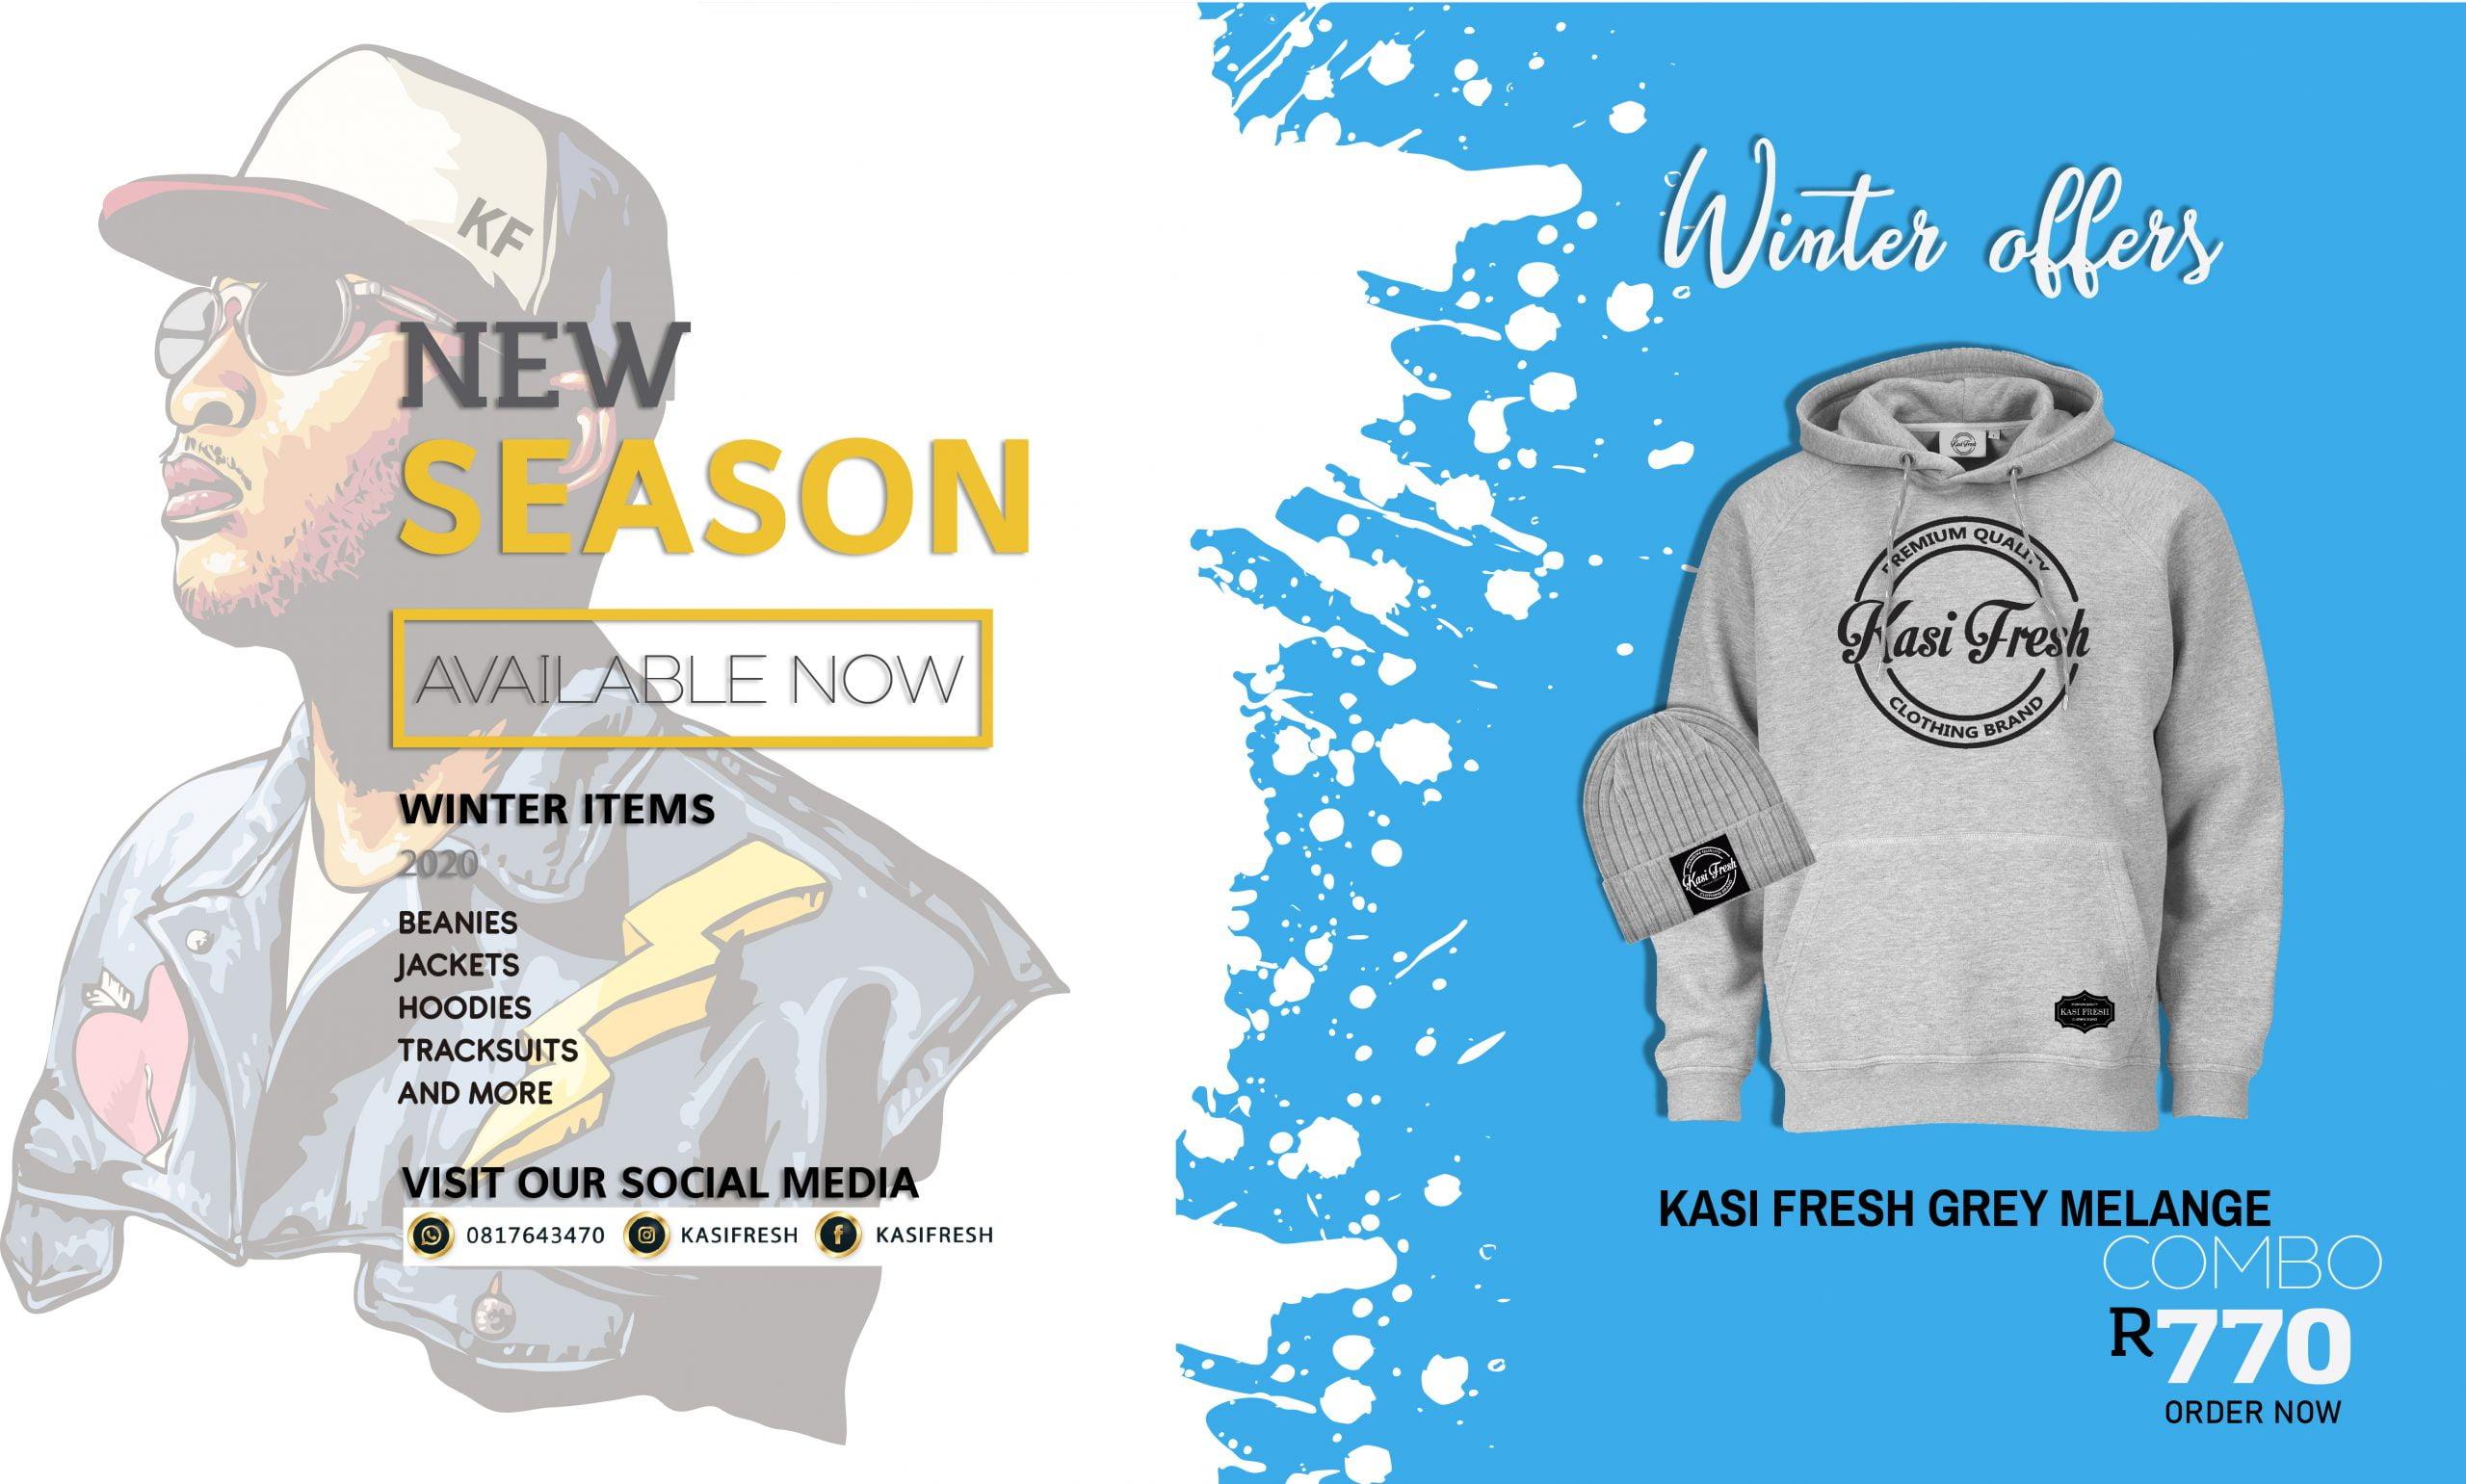 Kasi Fresh promo